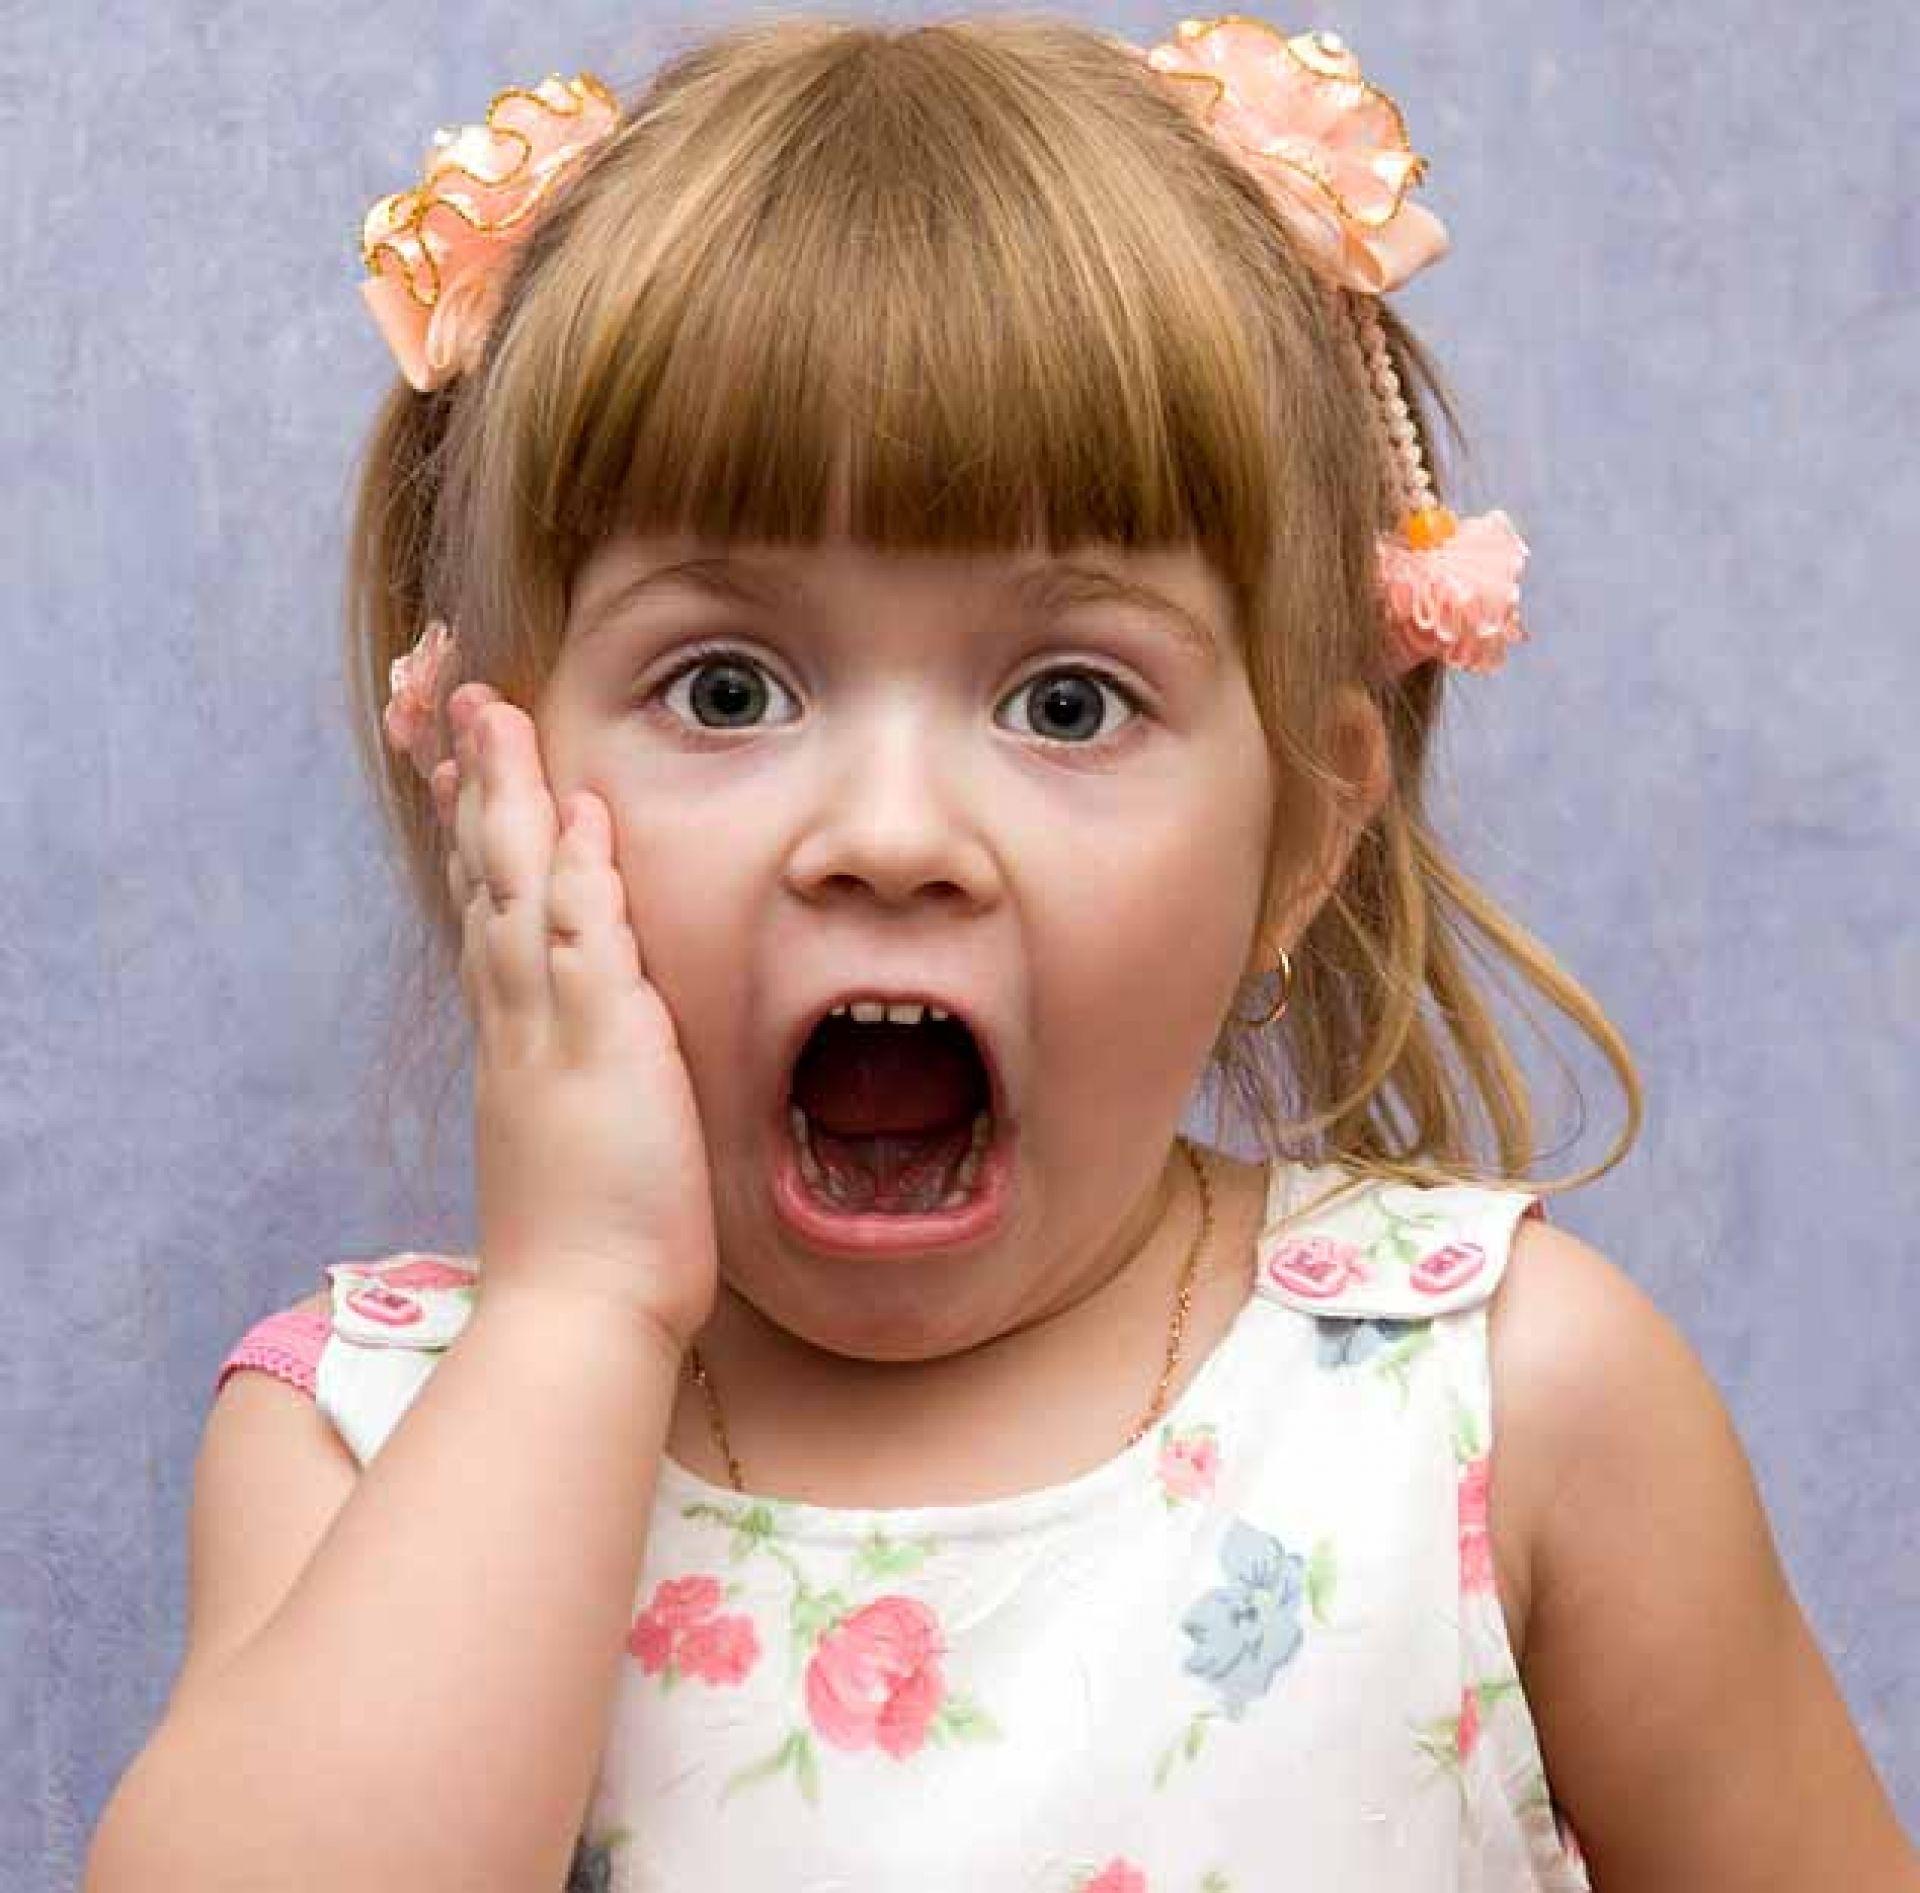 Если постоянно кричу на ребенка до года когда не хватает терпения, что делать и как успокоиться